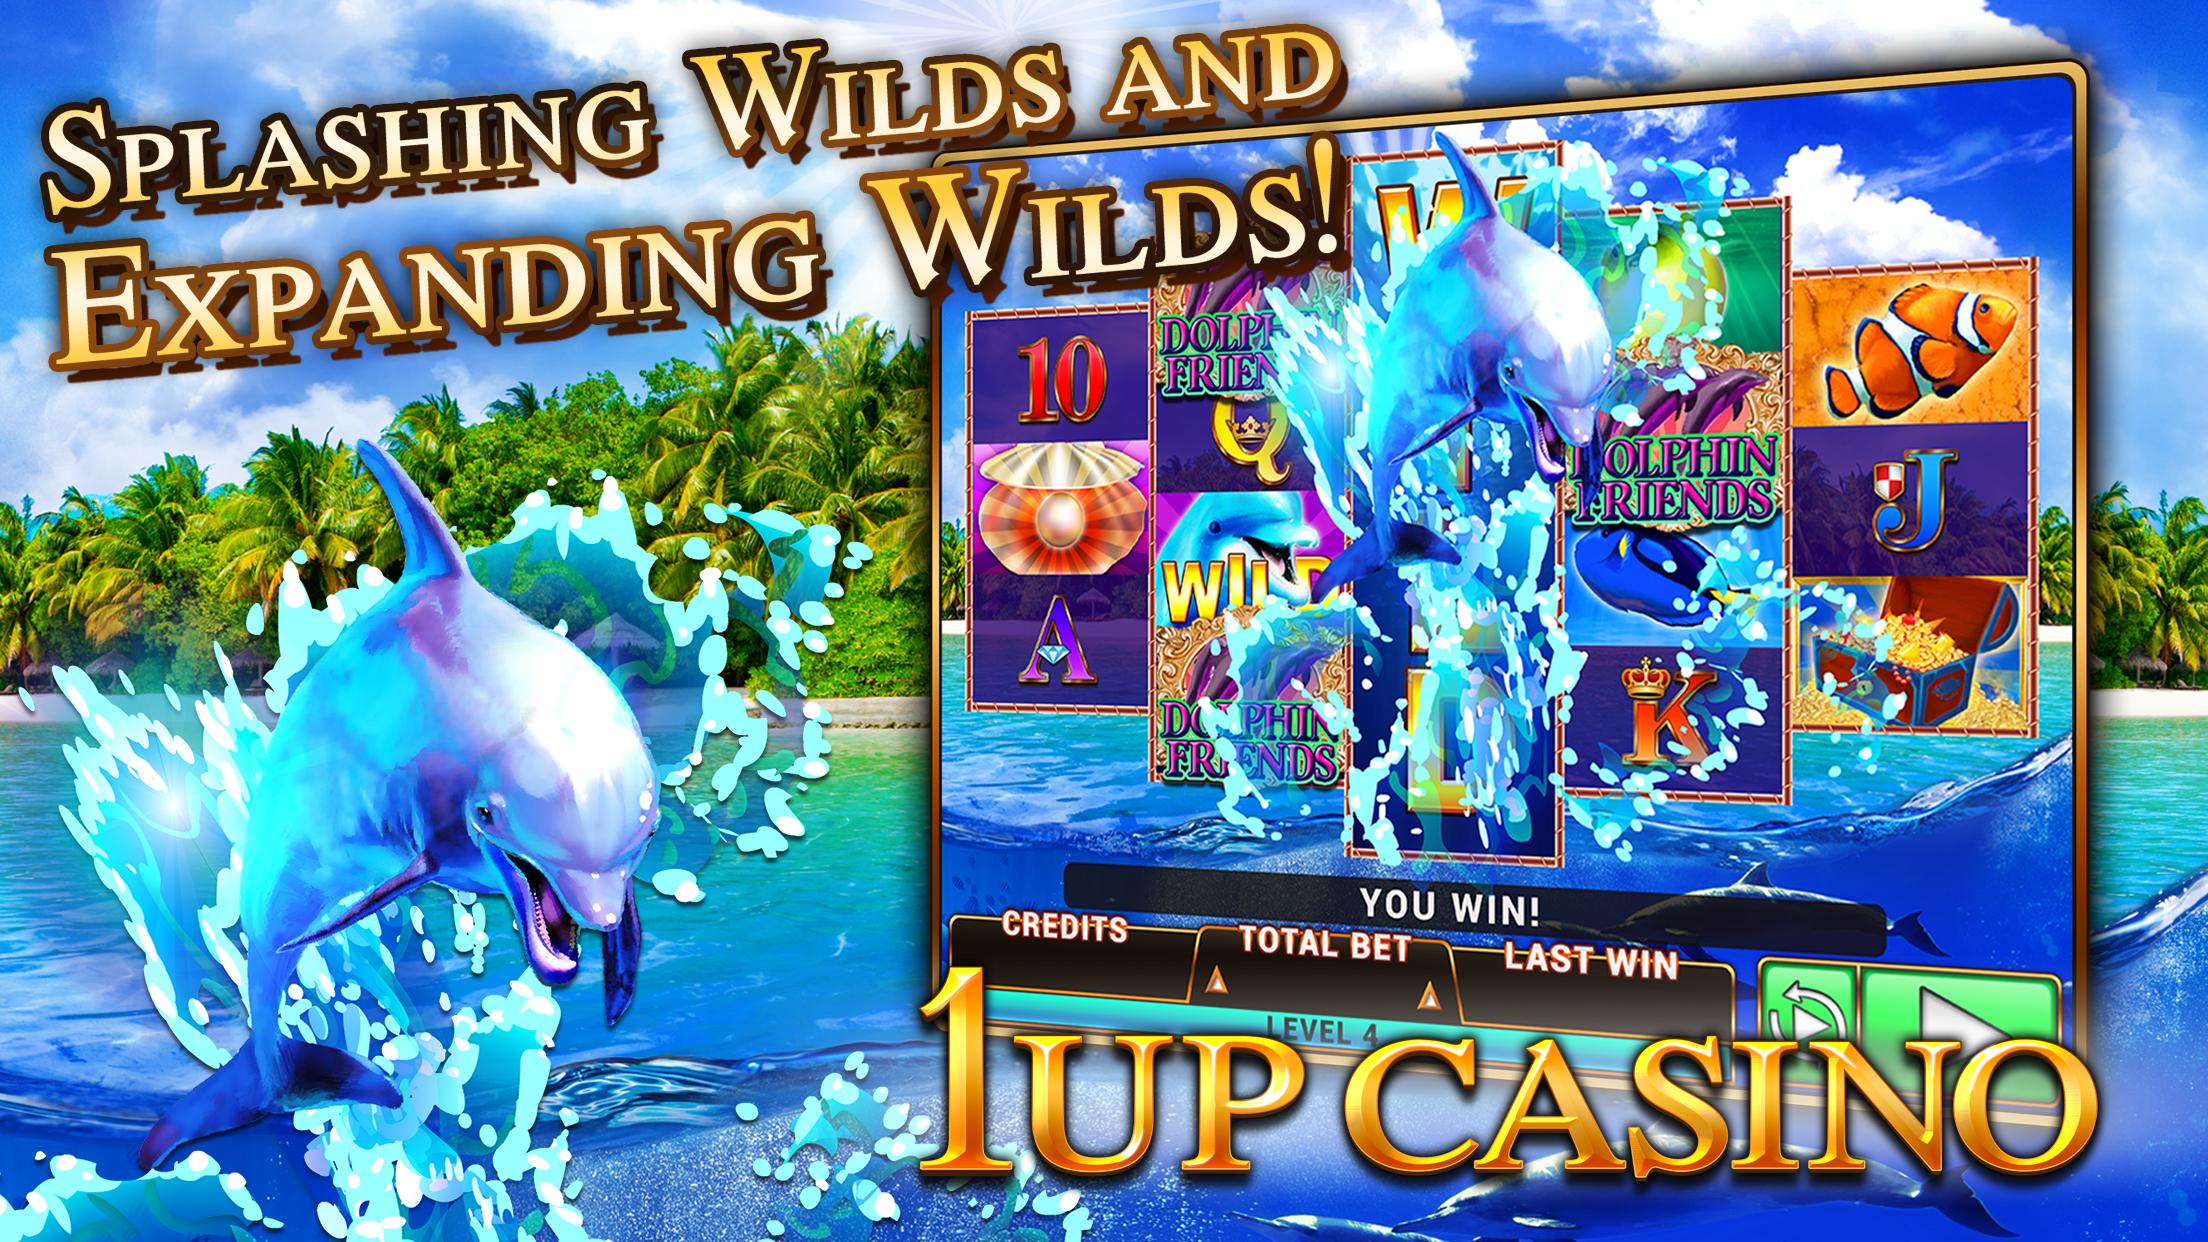 Slot Machines - 1Up Casino - Best New Free Slots Screenshot